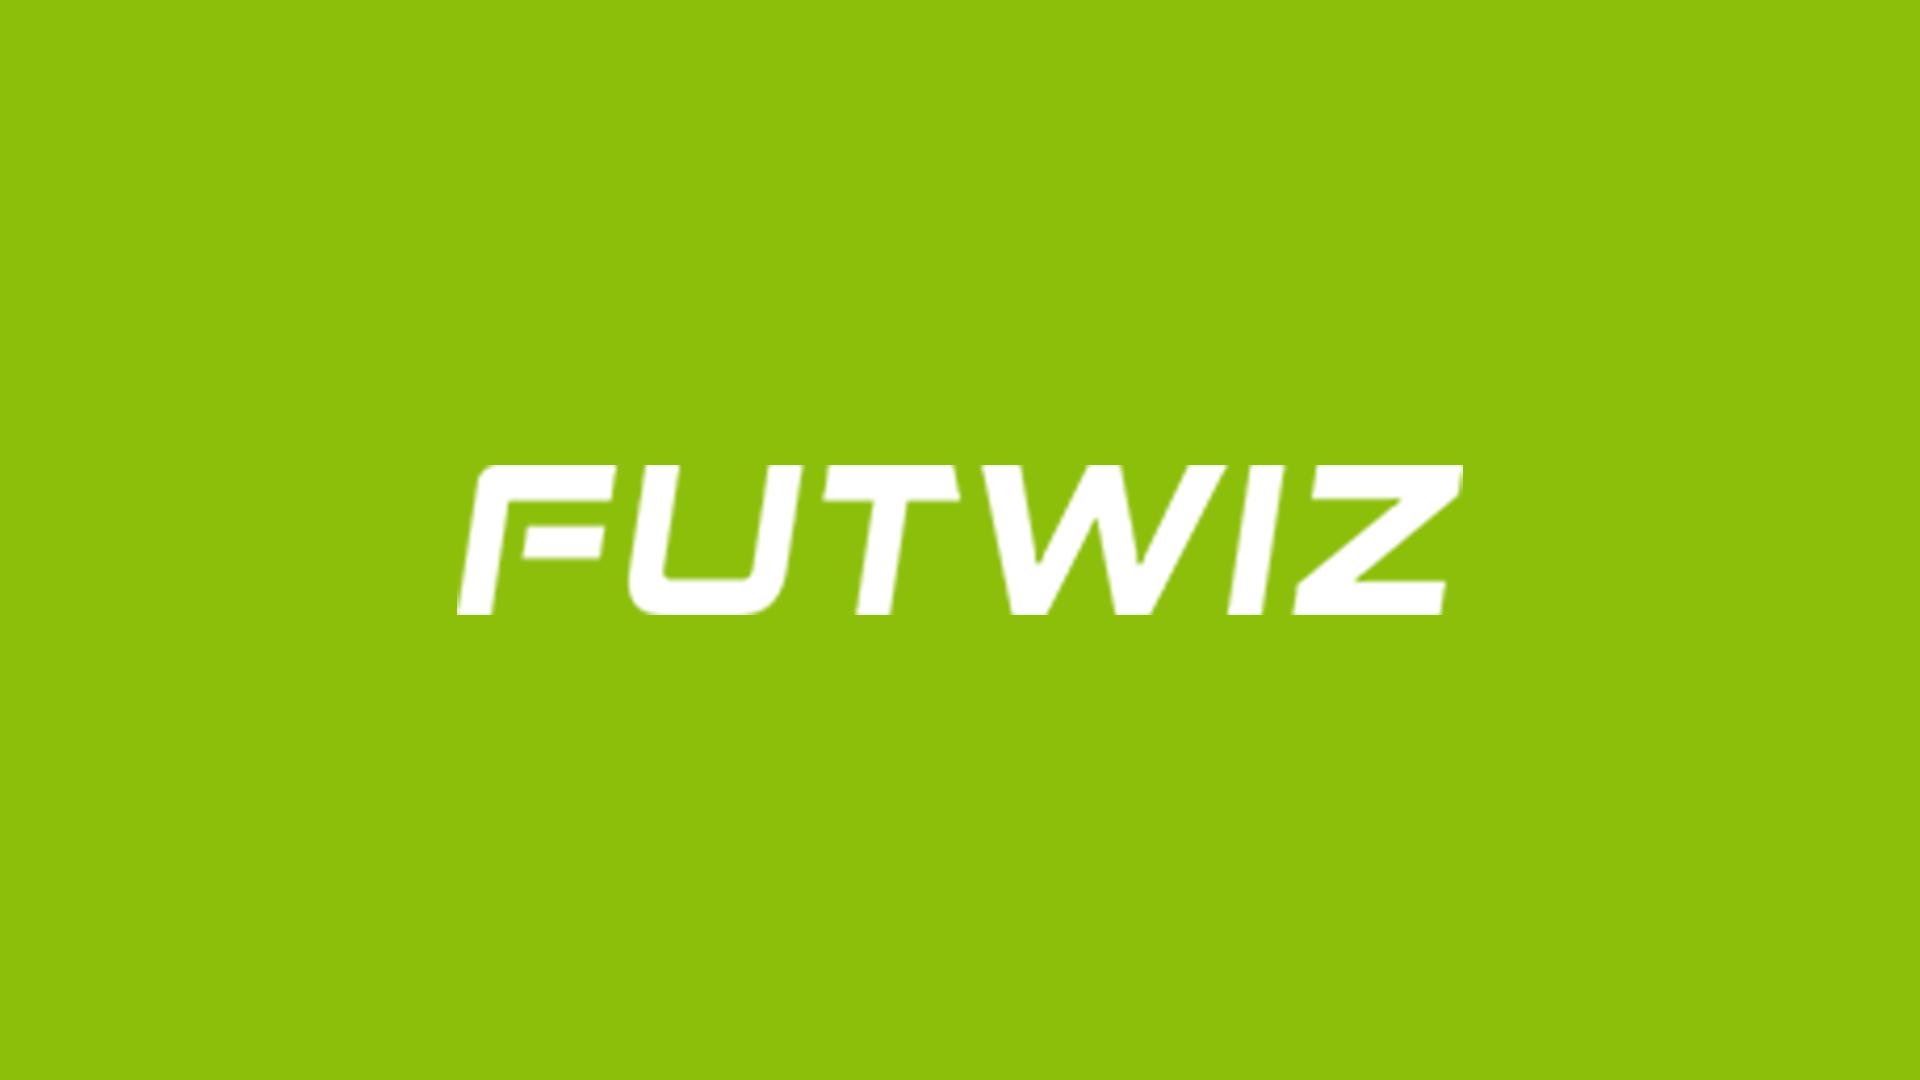 FUTWIZ-logo